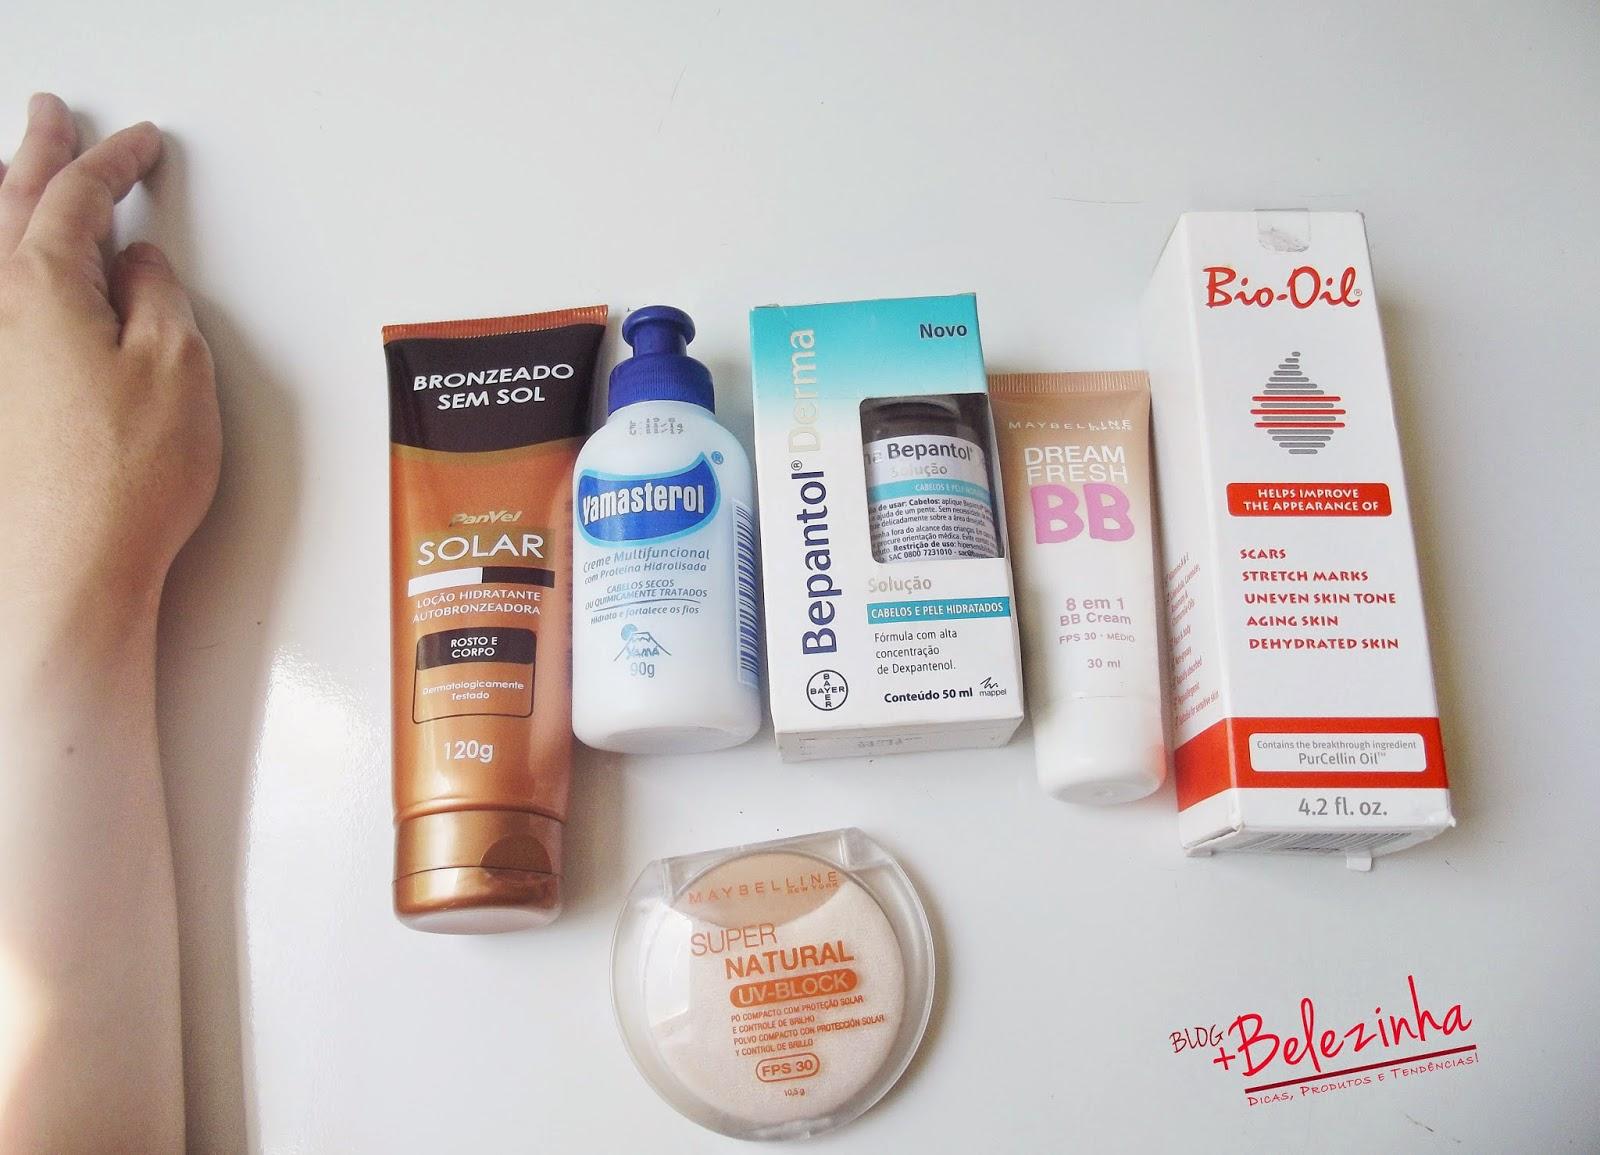 comprinhas-maquiagem-cosméticos-bio-oil-bepantol-bb cream